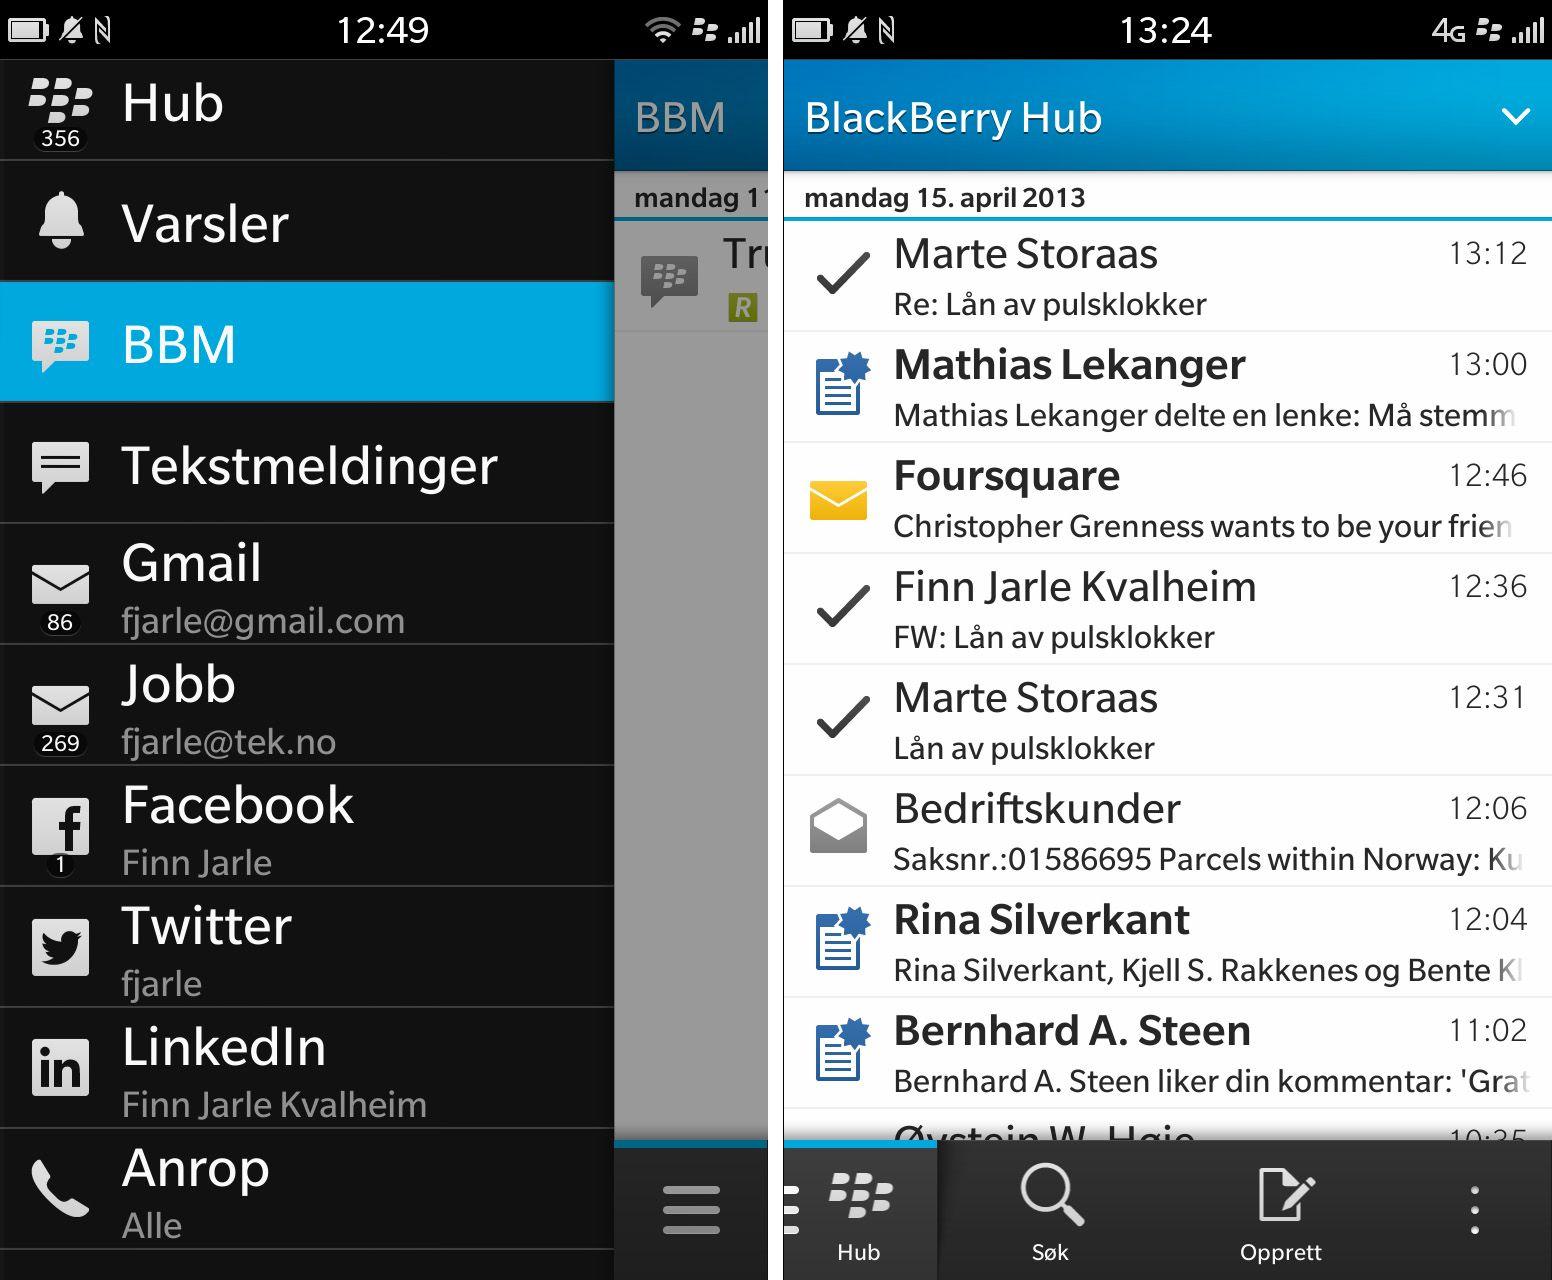 BlackBerry Hub samler alle kontoene dine på ett sted. Skjermbildet til venstre får du opp ved å sveipe med fingeren opp og så til høyre på skjermen. Velger du